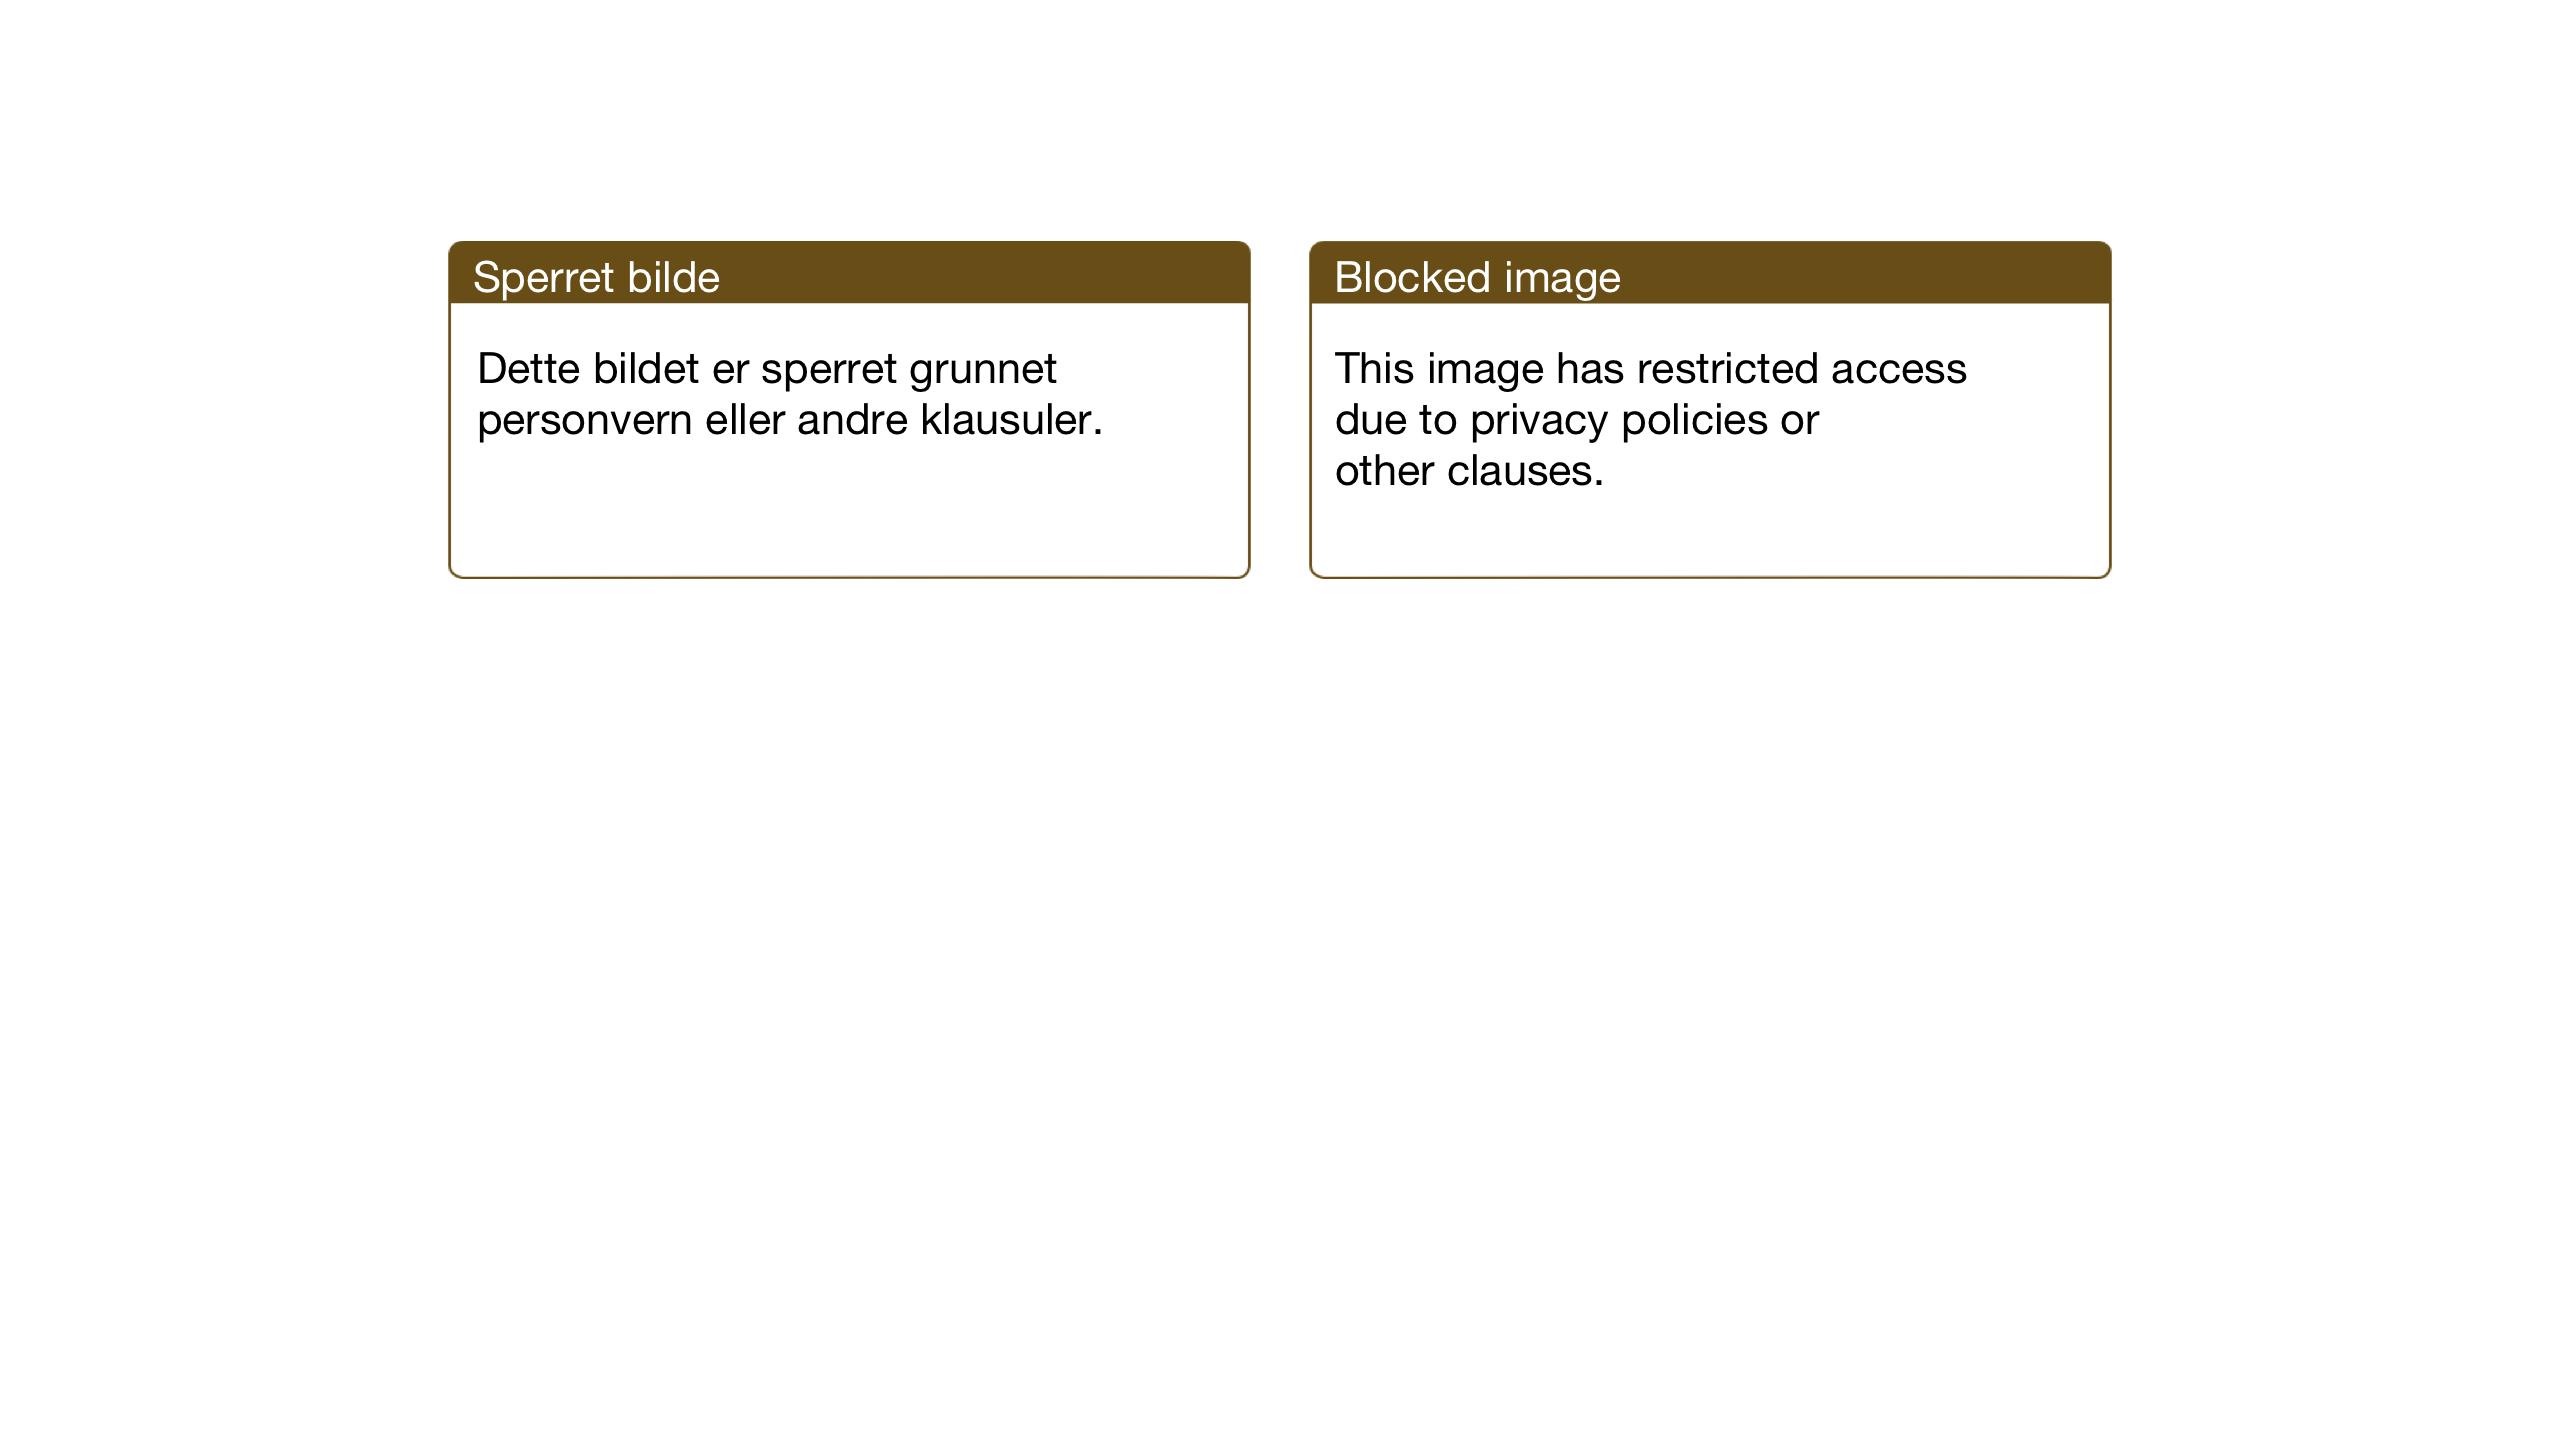 SAT, Ministerialprotokoller, klokkerbøker og fødselsregistre - Sør-Trøndelag, 686/L0986: Klokkerbok nr. 686C02, 1933-1950, s. 190